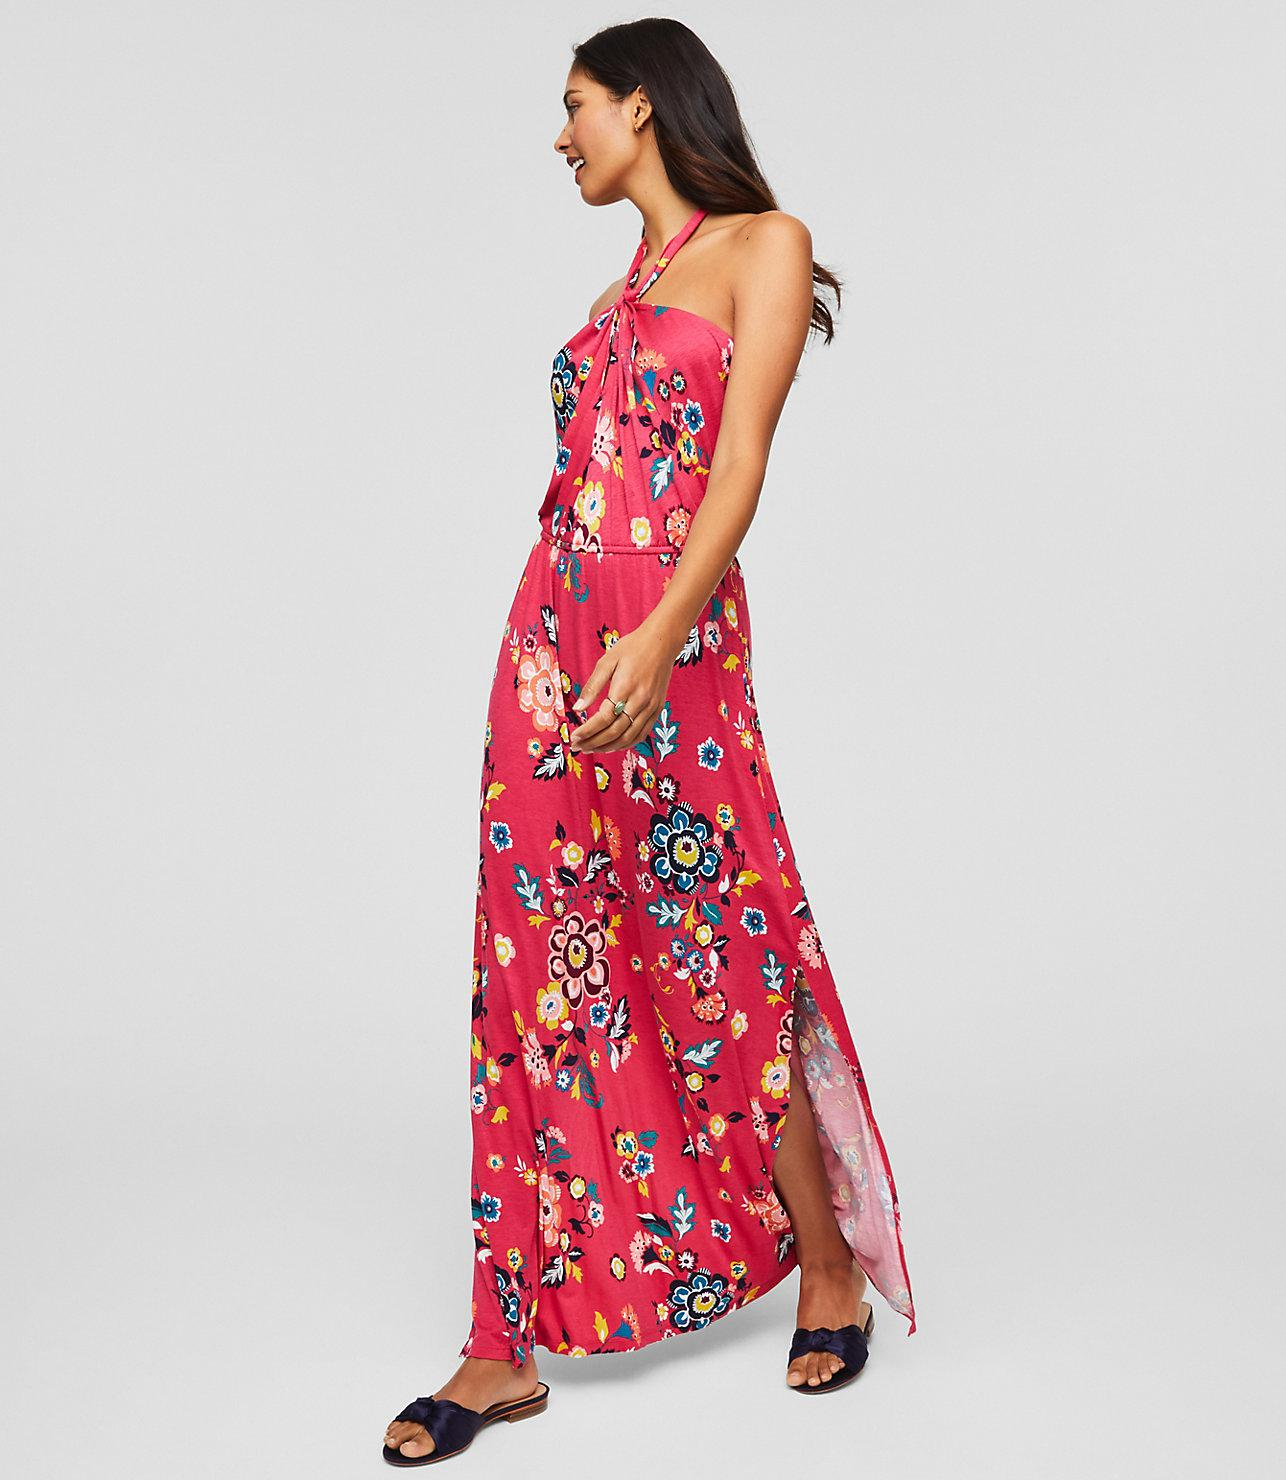 b5696d53f49b LOFT Beach Floral Twist Halter Maxi Dress in Pink - Lyst